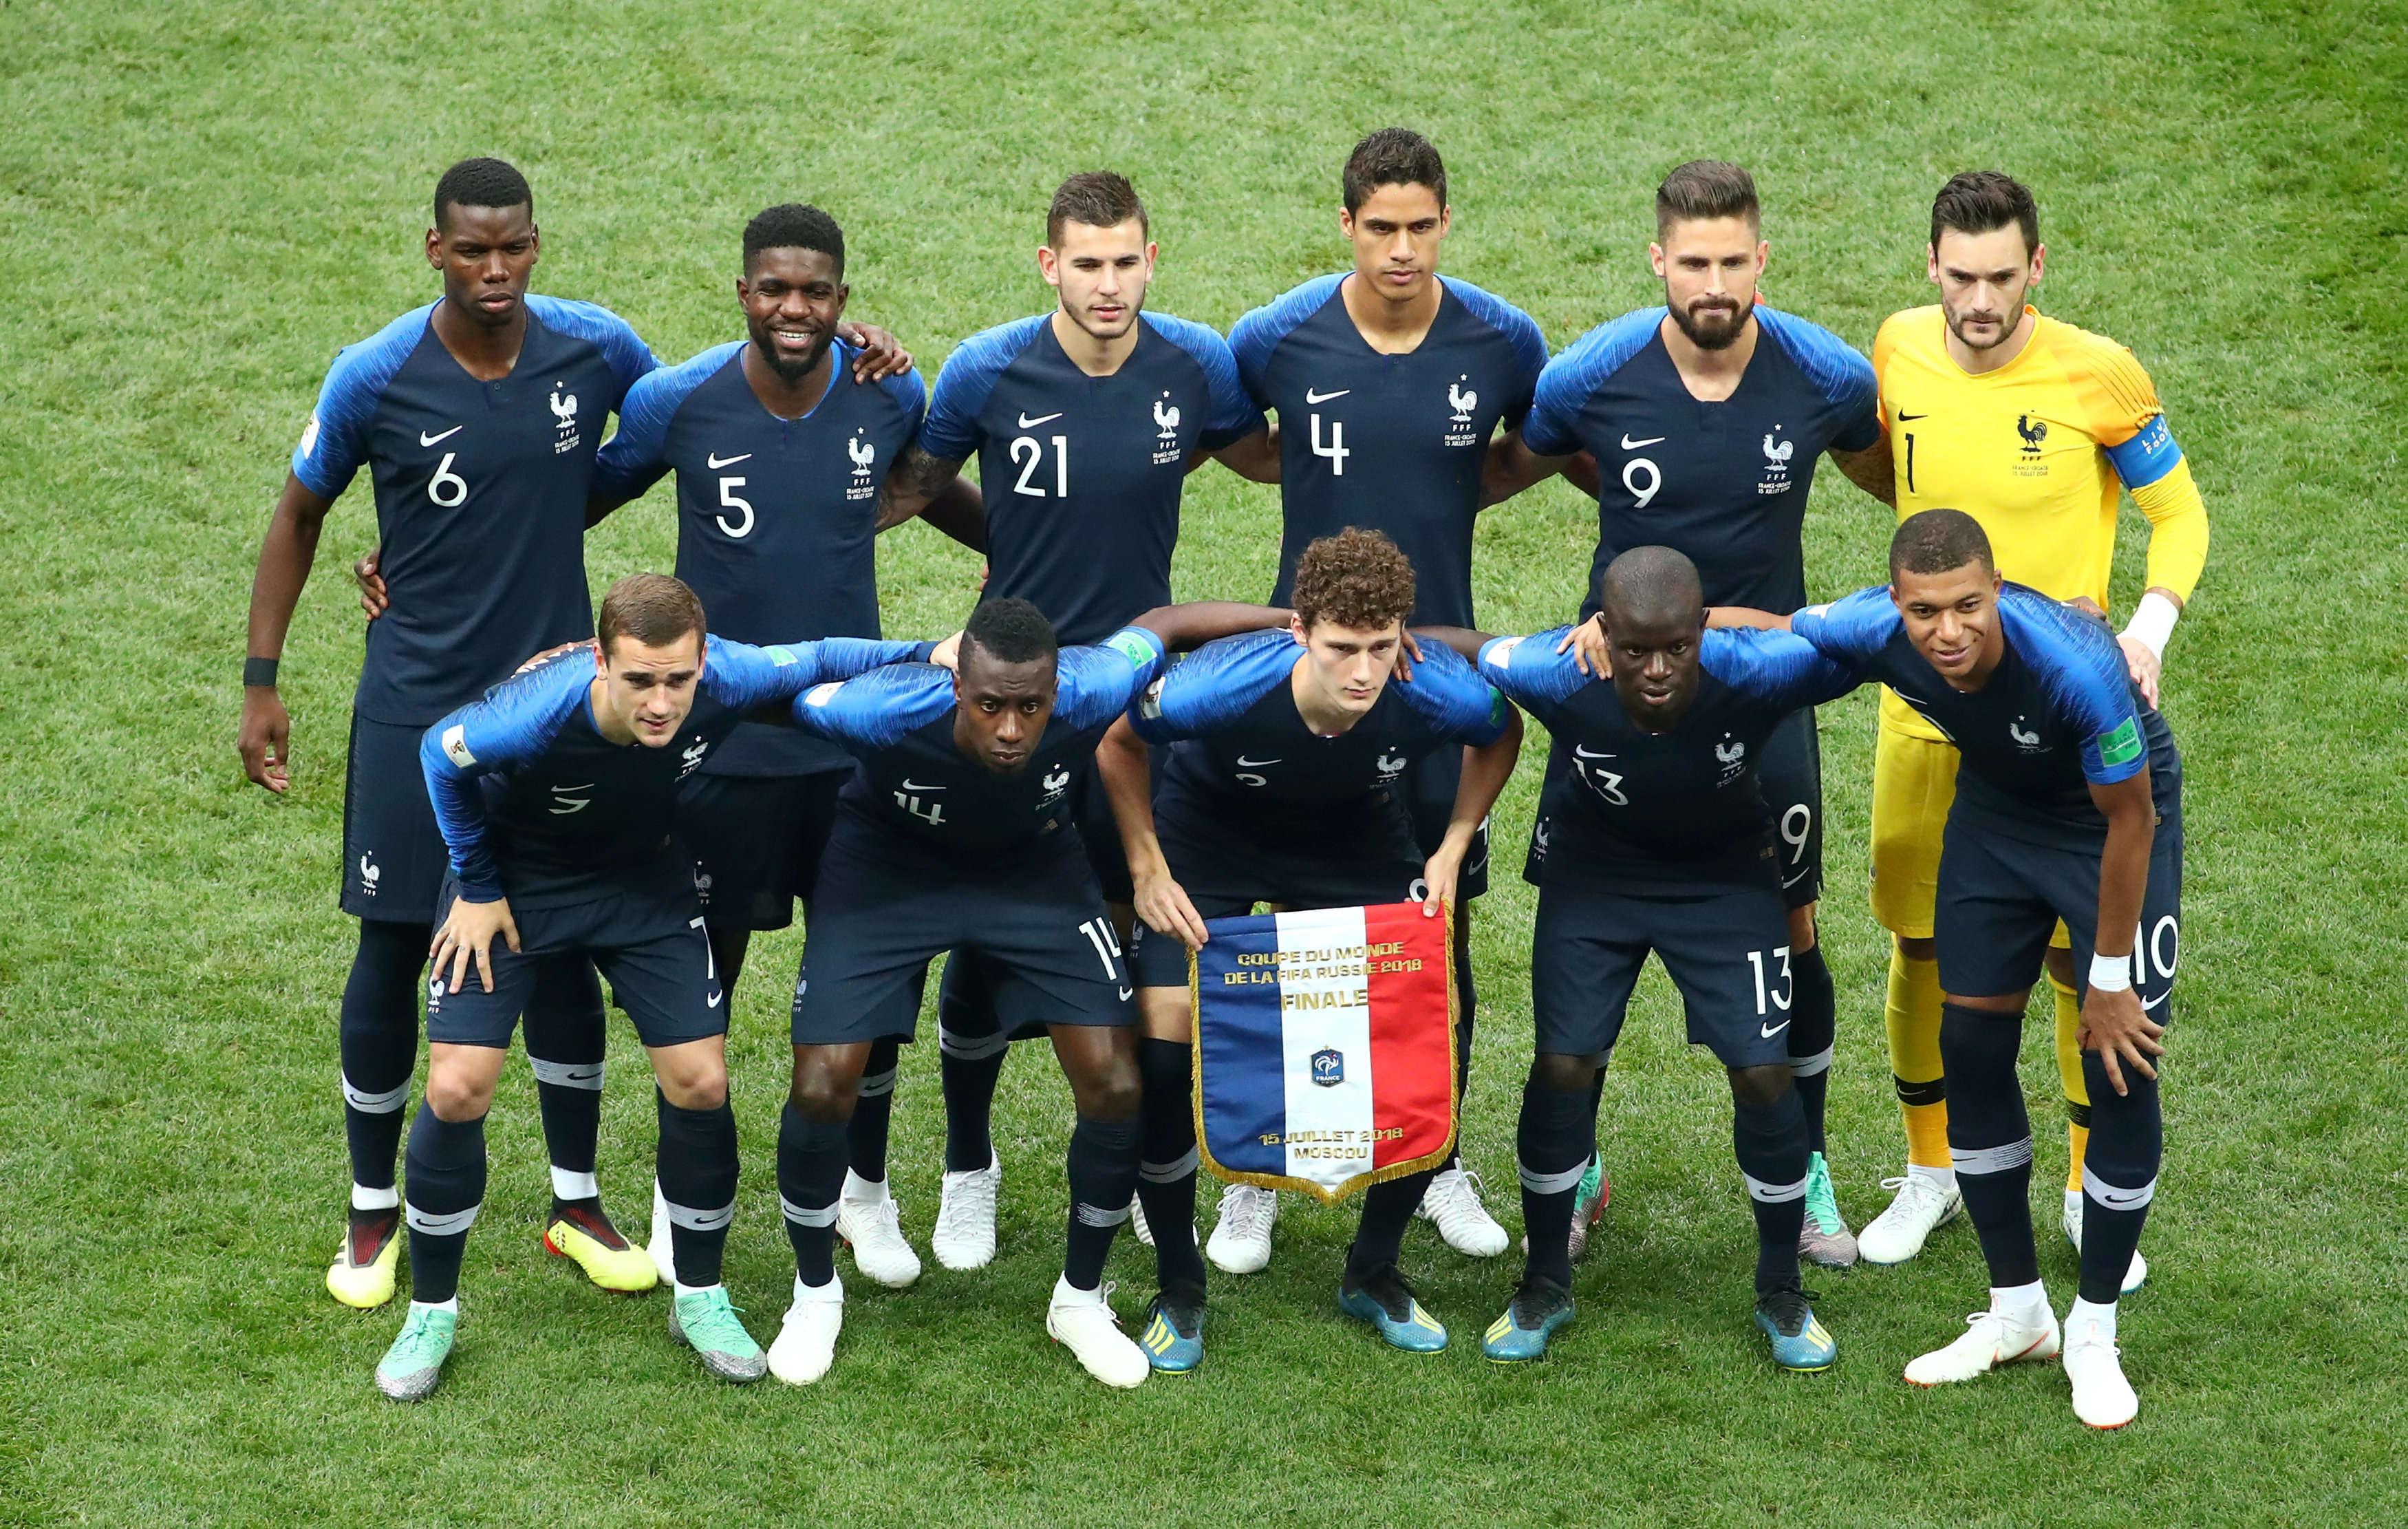 Equipe de france la victoire du talent - Coupe de france l equipe ...